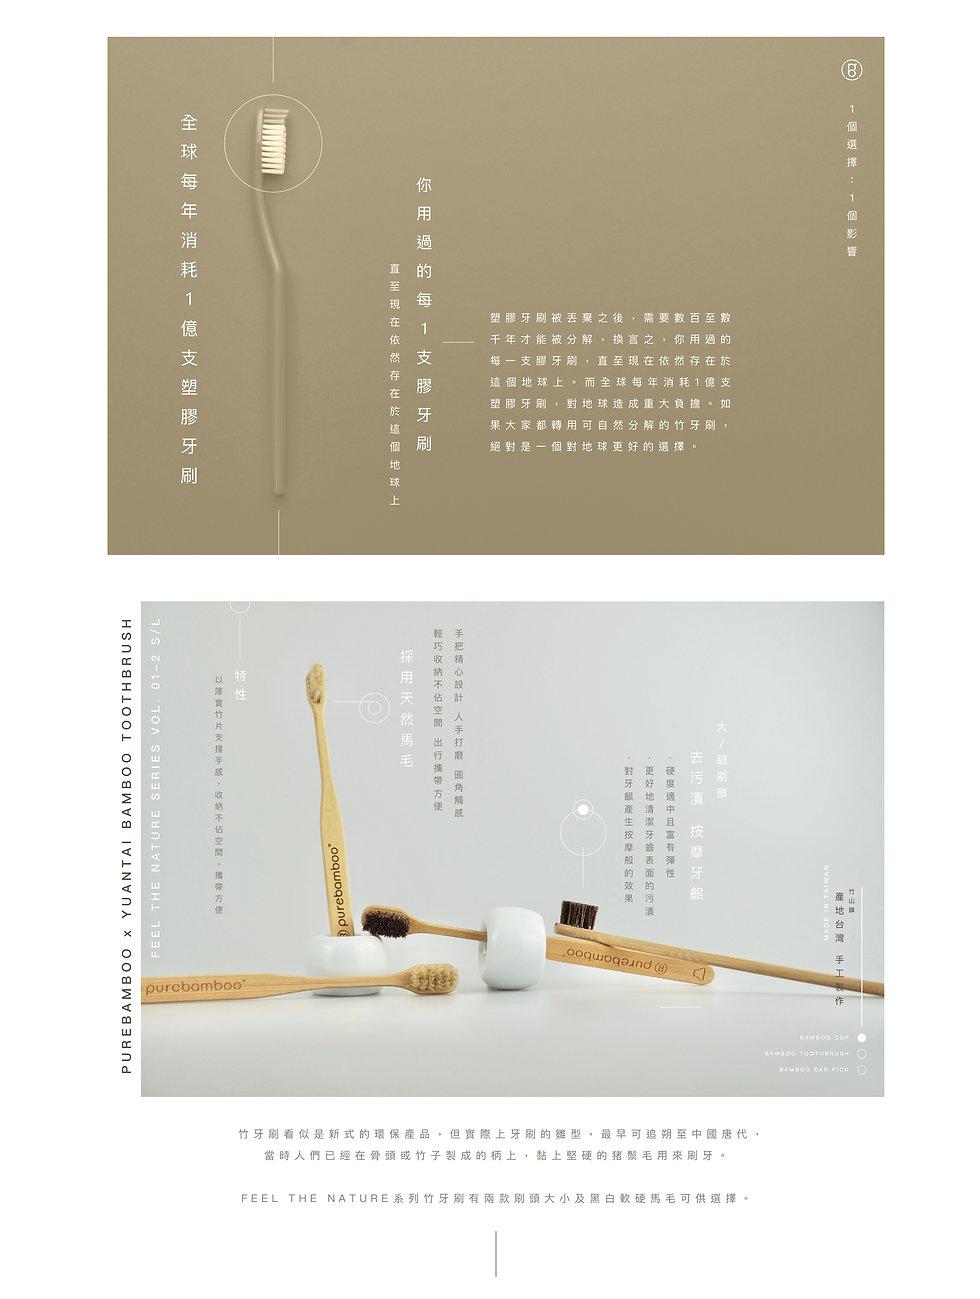 PureBamboo_Bamboo Toothbrush-2.jpg